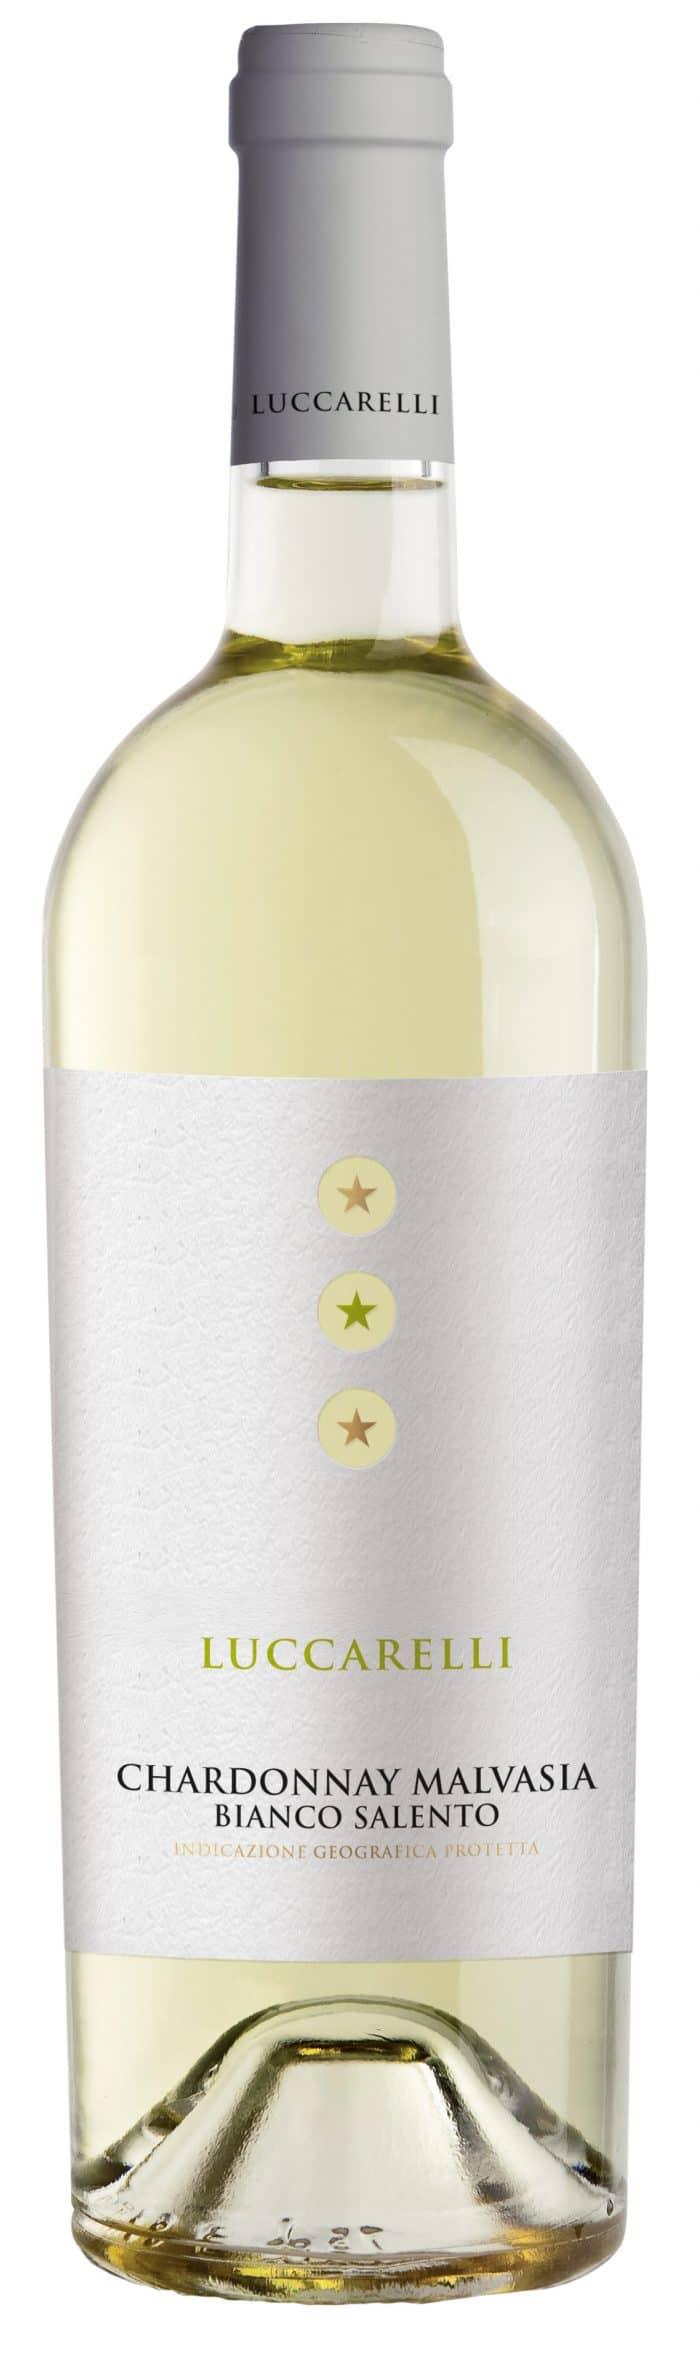 Luccarelli Bianco | Italië | gemaakt van de druif: Chardonnay, Malvasia, Verdicchio